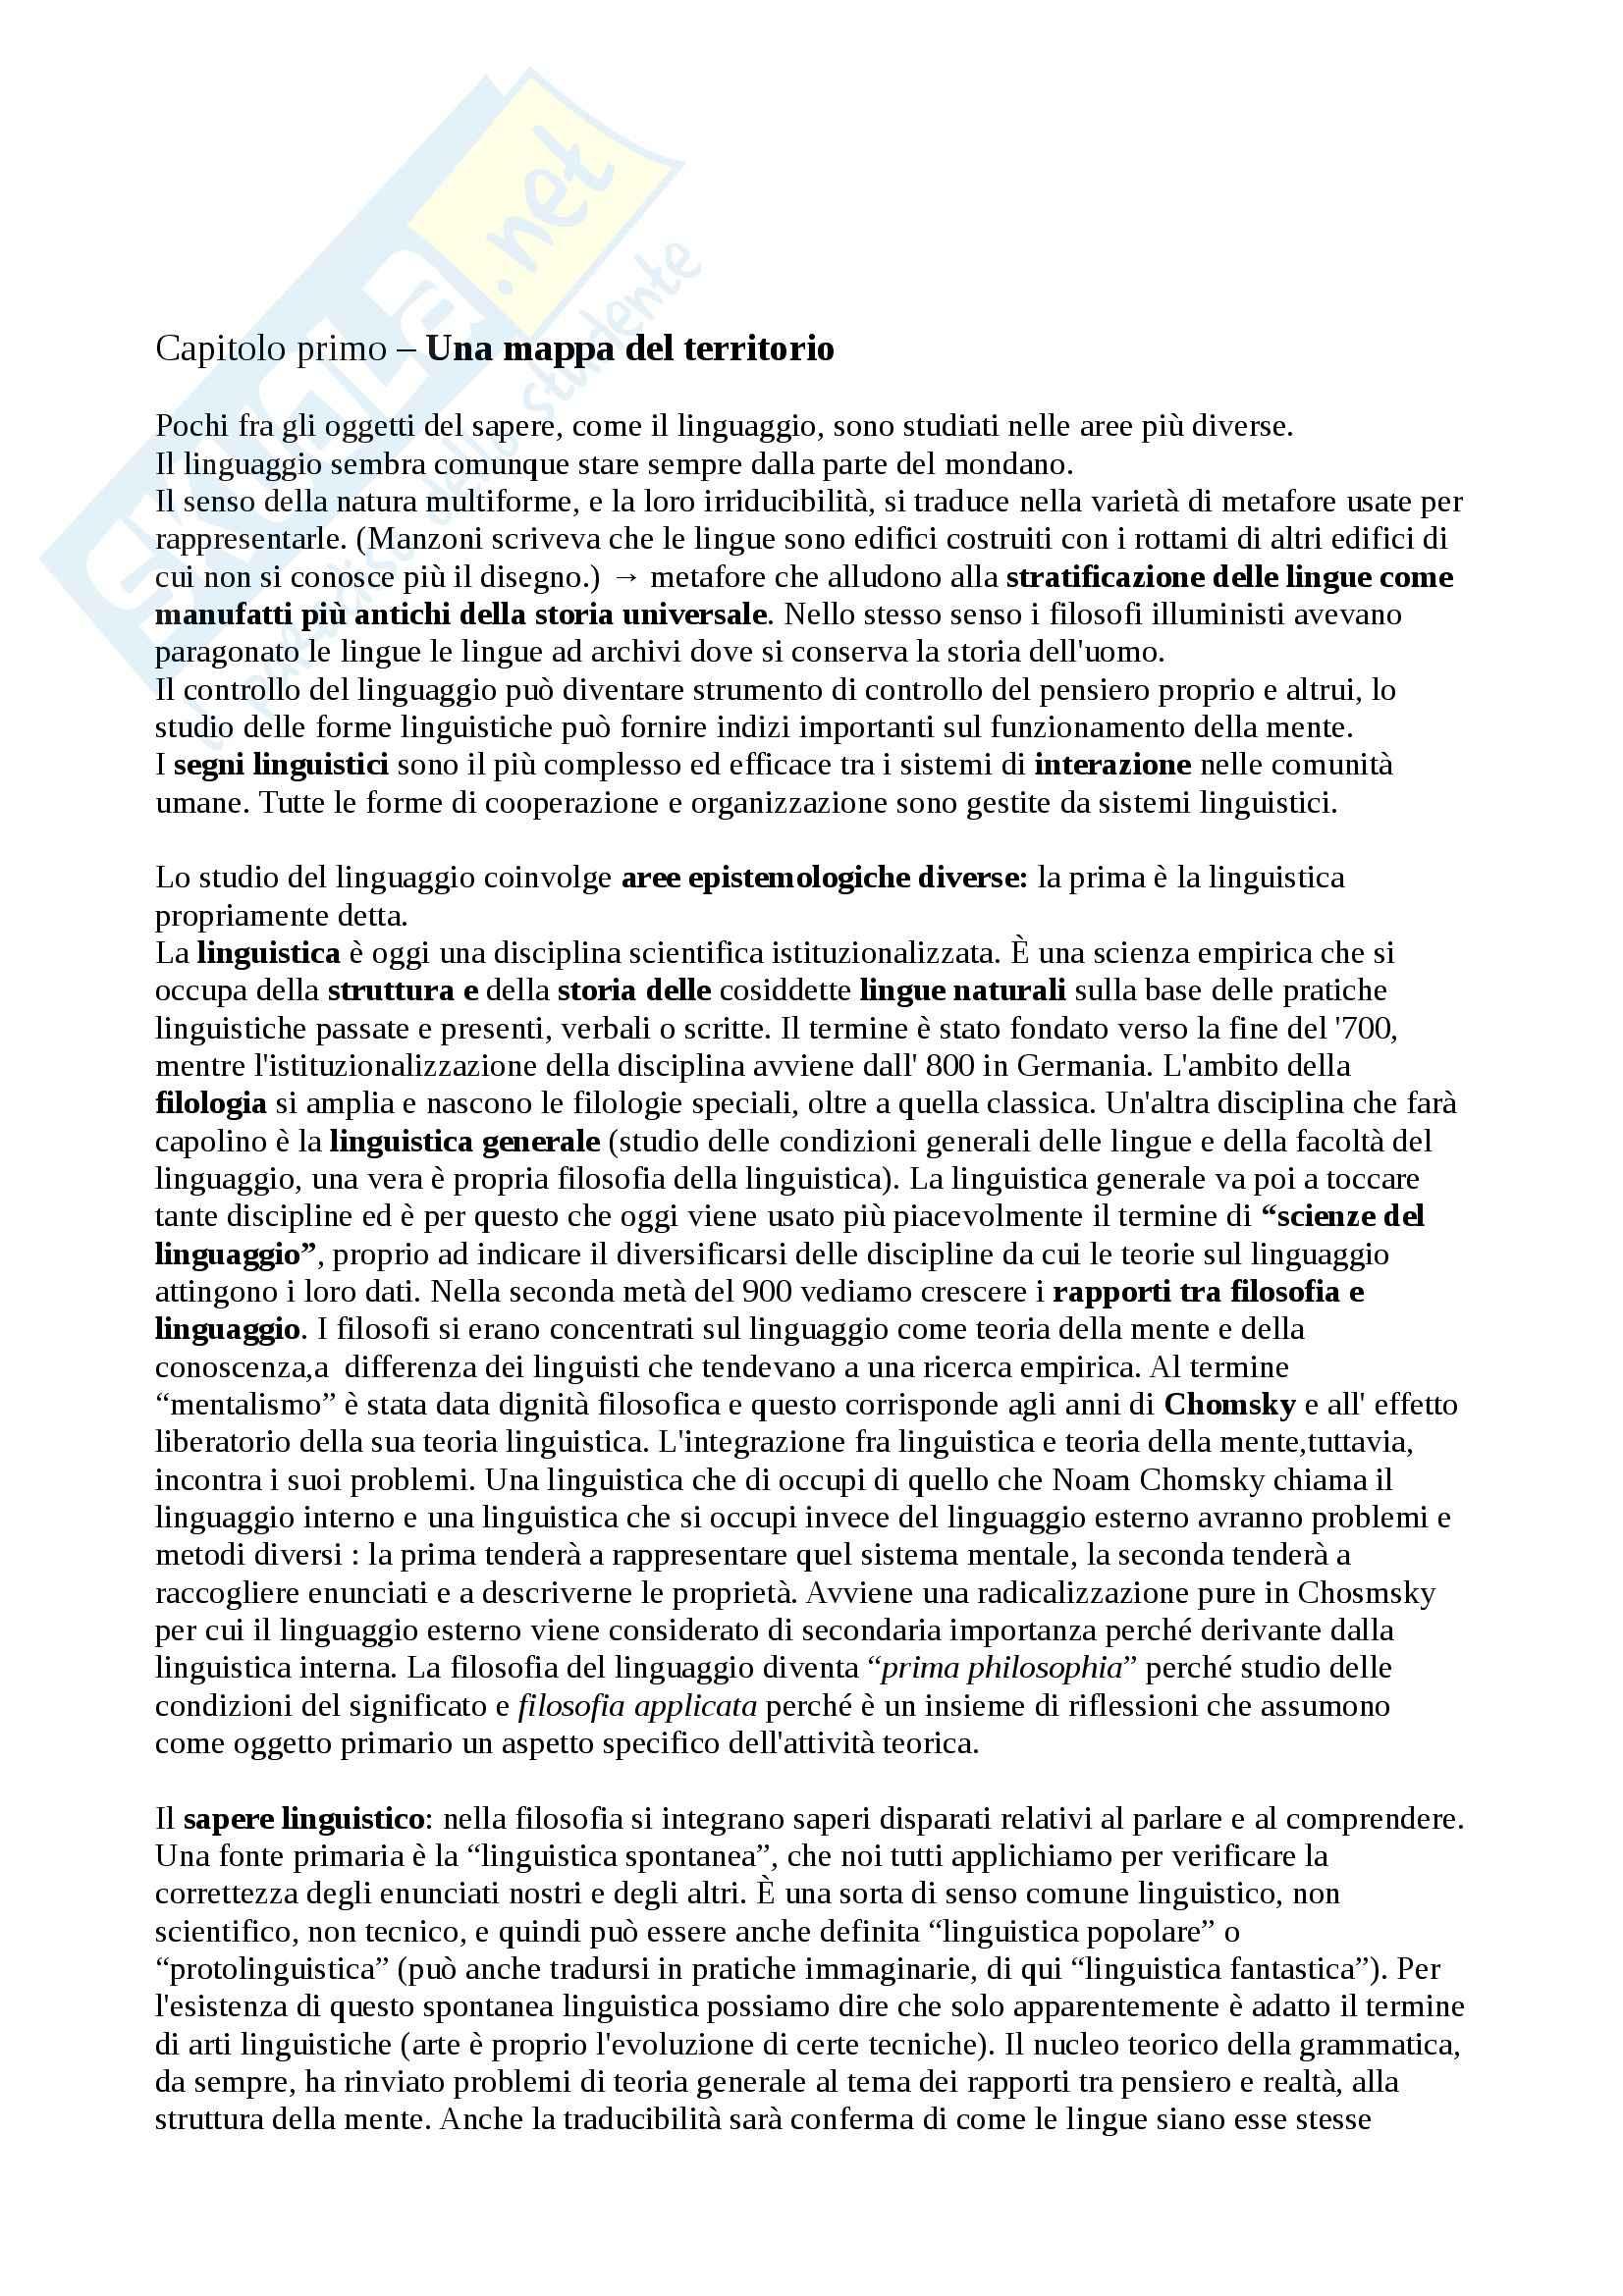 appunto P. Leonardi Filosofia del linguaggio